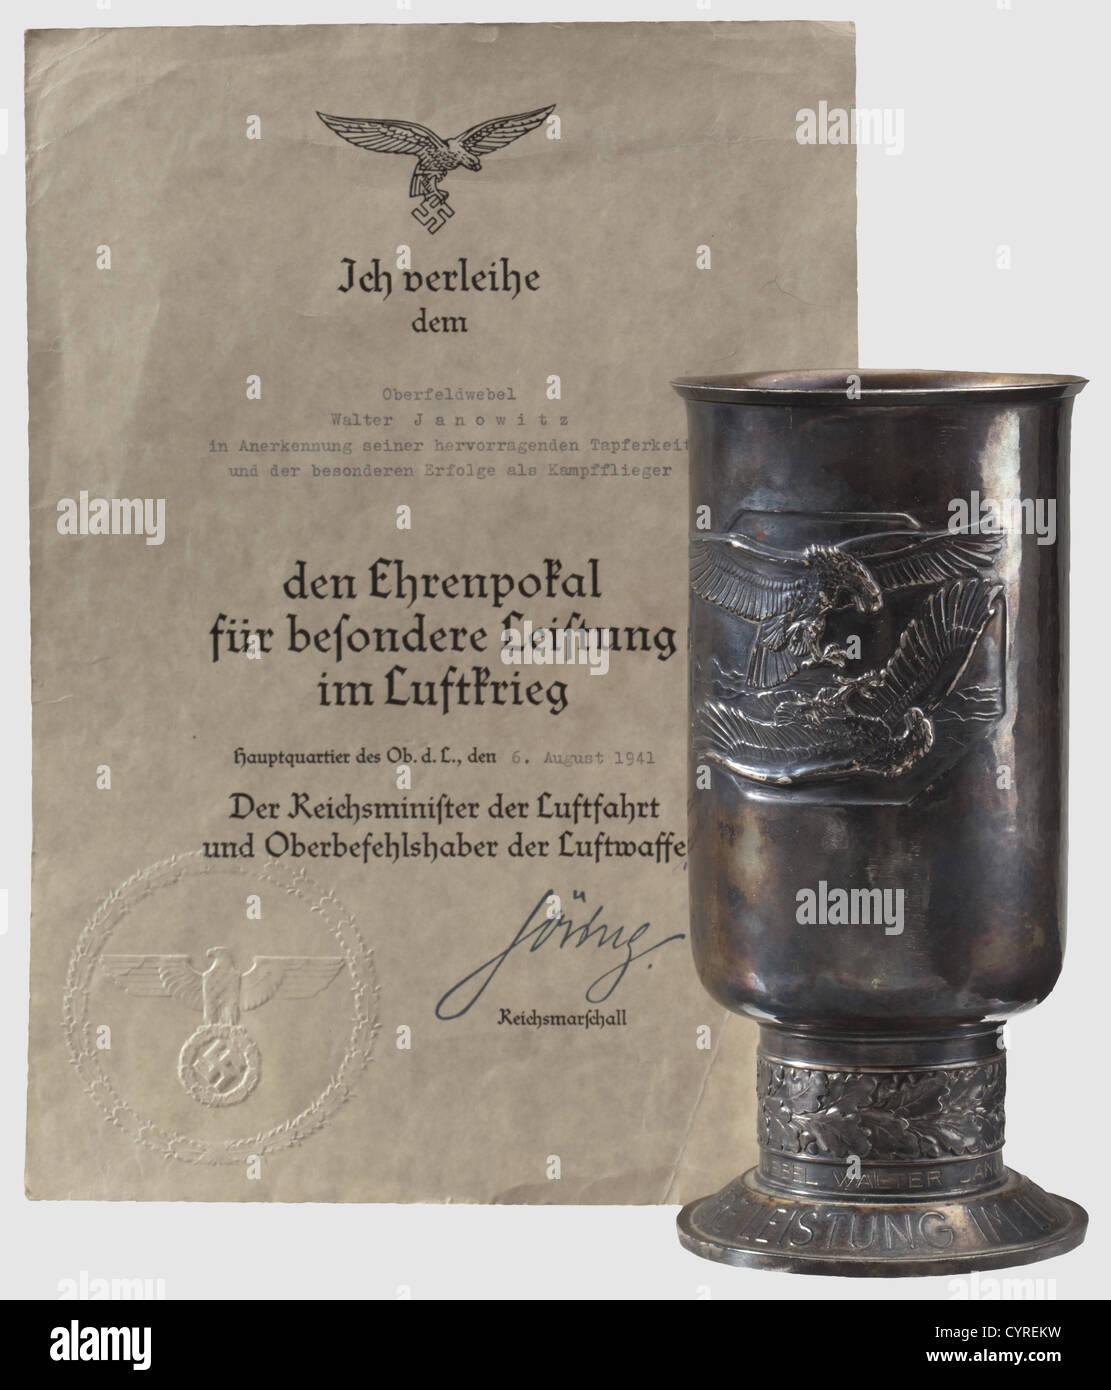 Schön Leistung Award Vorlage Ideen - Beispiel Business Lebenslauf ...